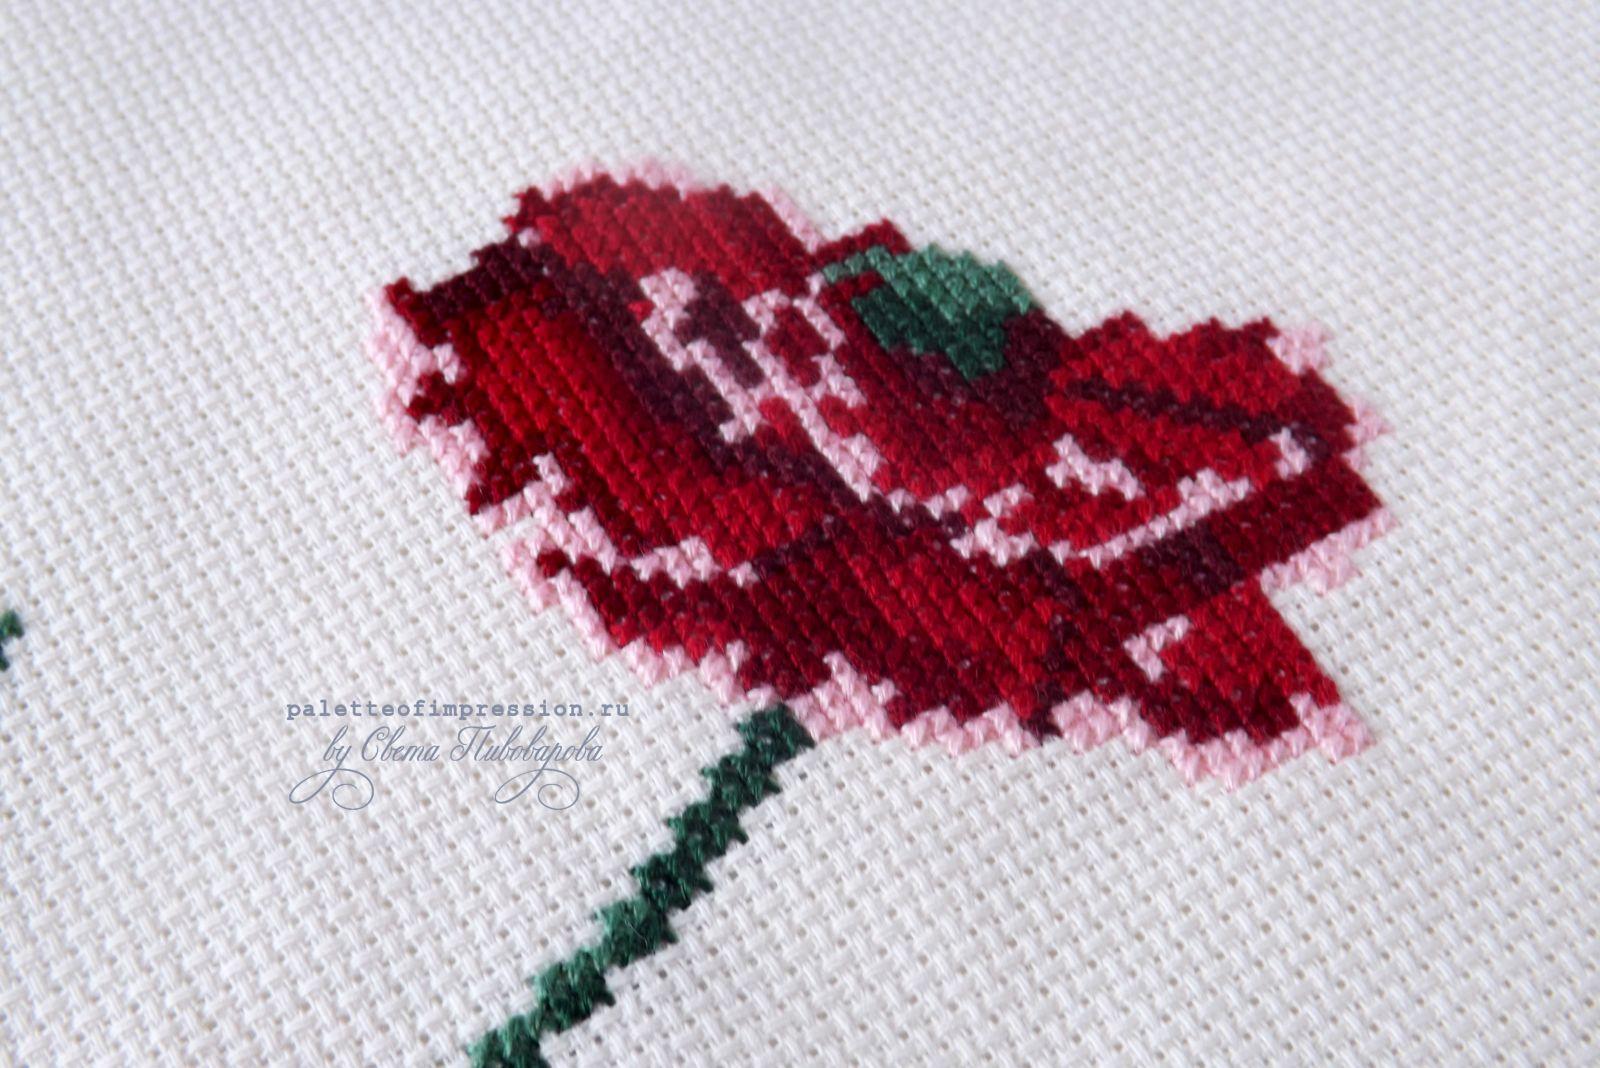 Букет цветов, бабочка и птичка. Вышивка крестом. Блог Вся палитра впечатлений